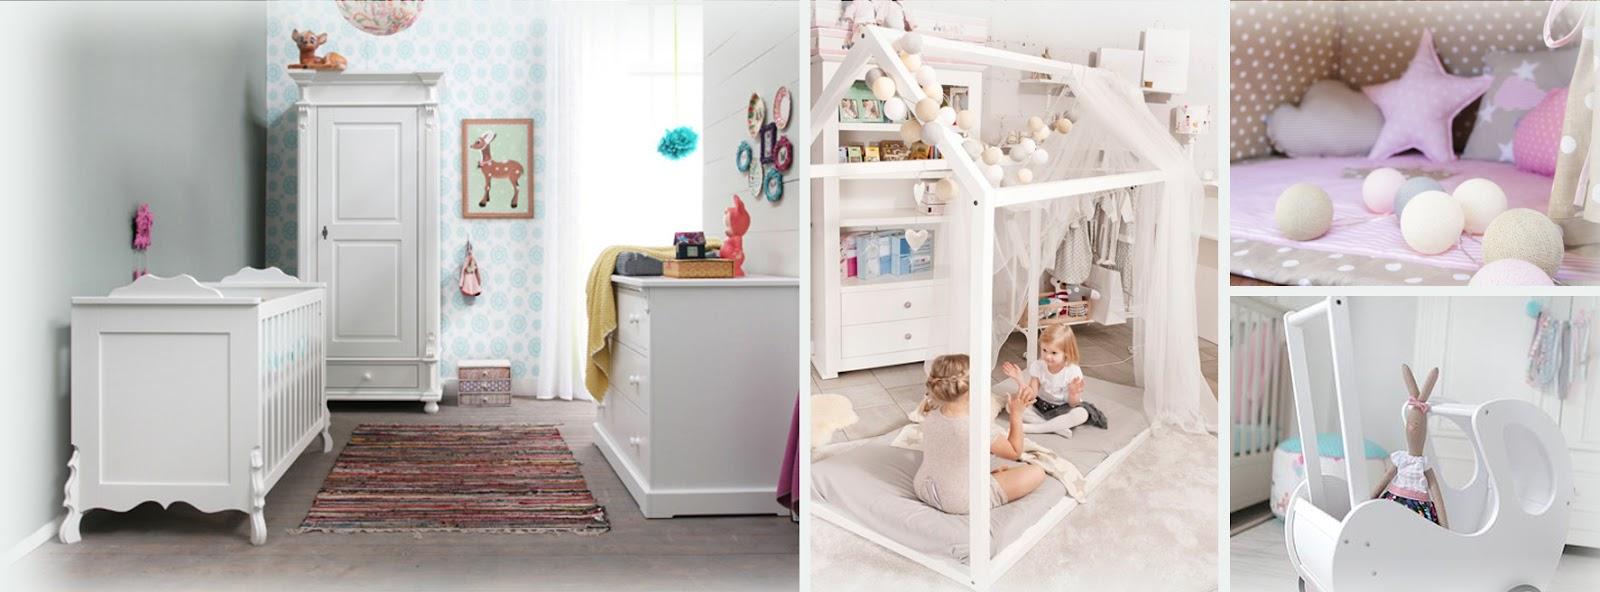 Sklep-dzieciecy-niemowlak-w-Kaliszu-i-Ostrowie-Wielkopolskim-9